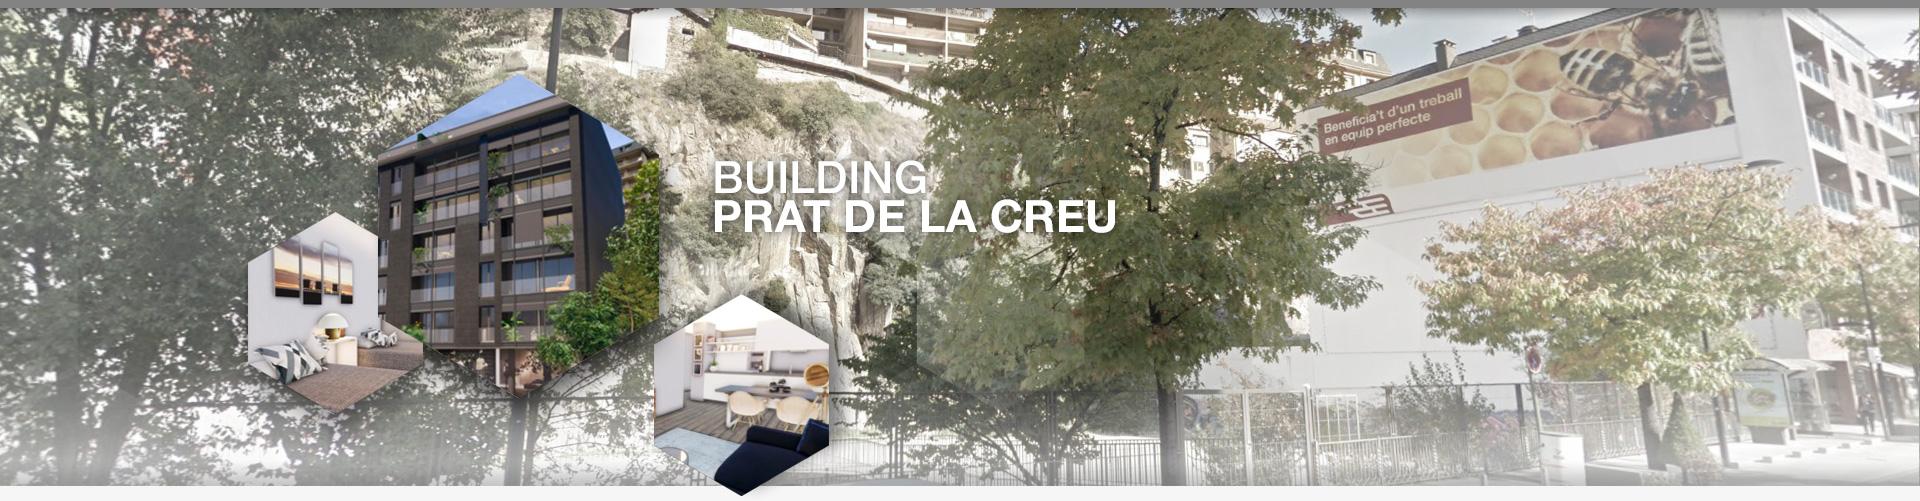 slide_venda_prat_de_la_creu-en